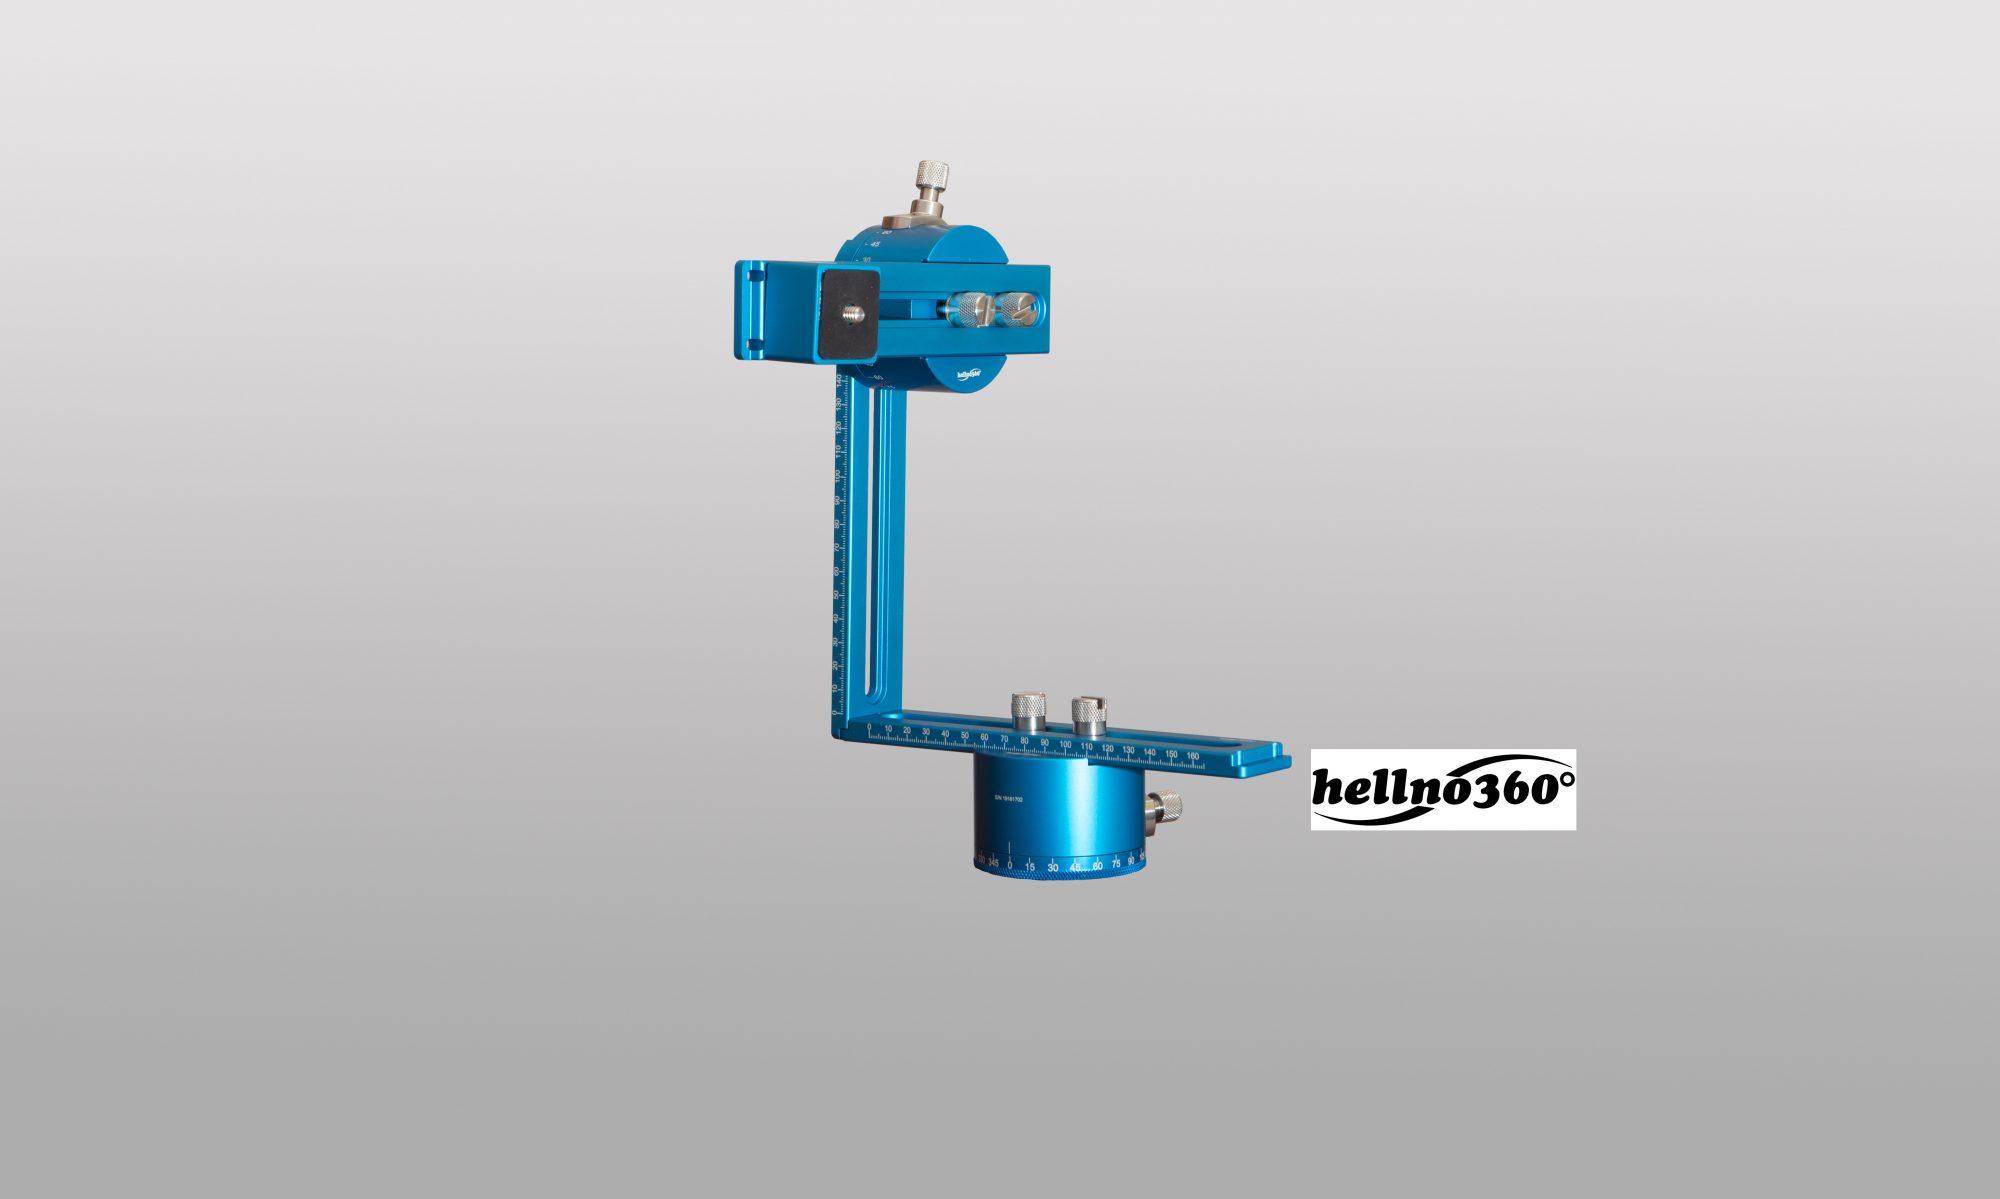 Nodalpunktadapter hellno360°